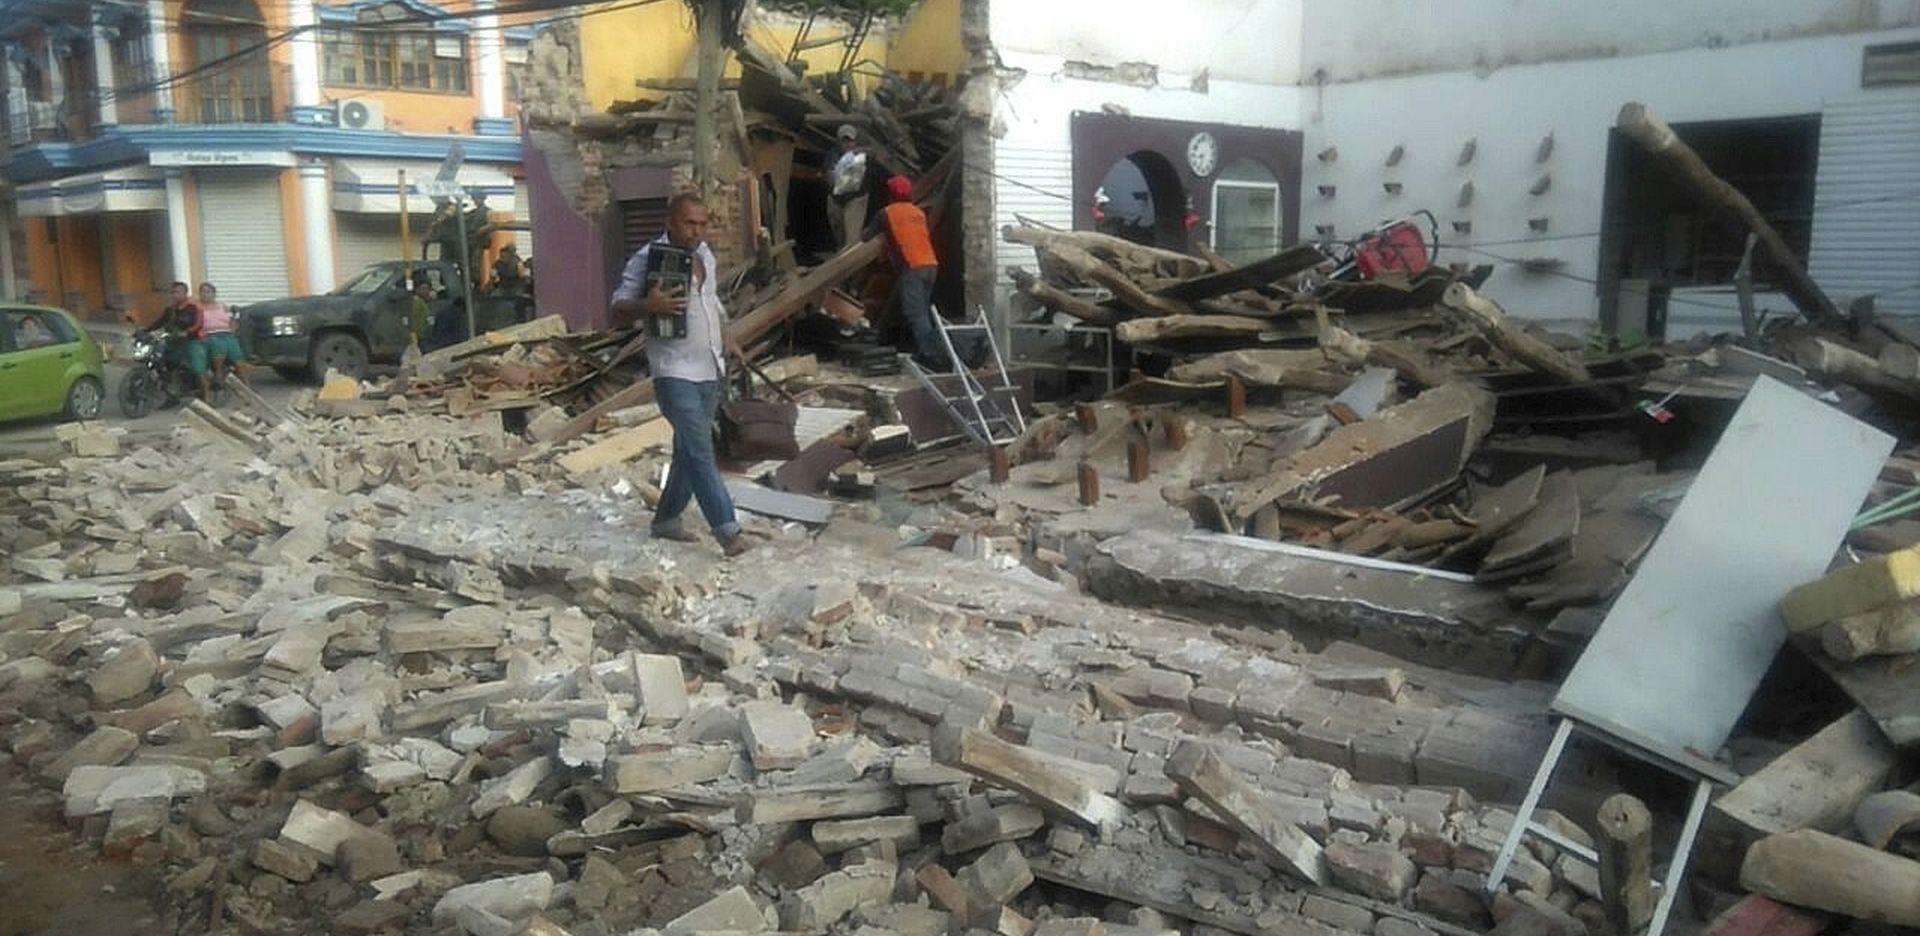 RAZORAN POTRES Broj pogoinulih u Meksiku narastao na 58